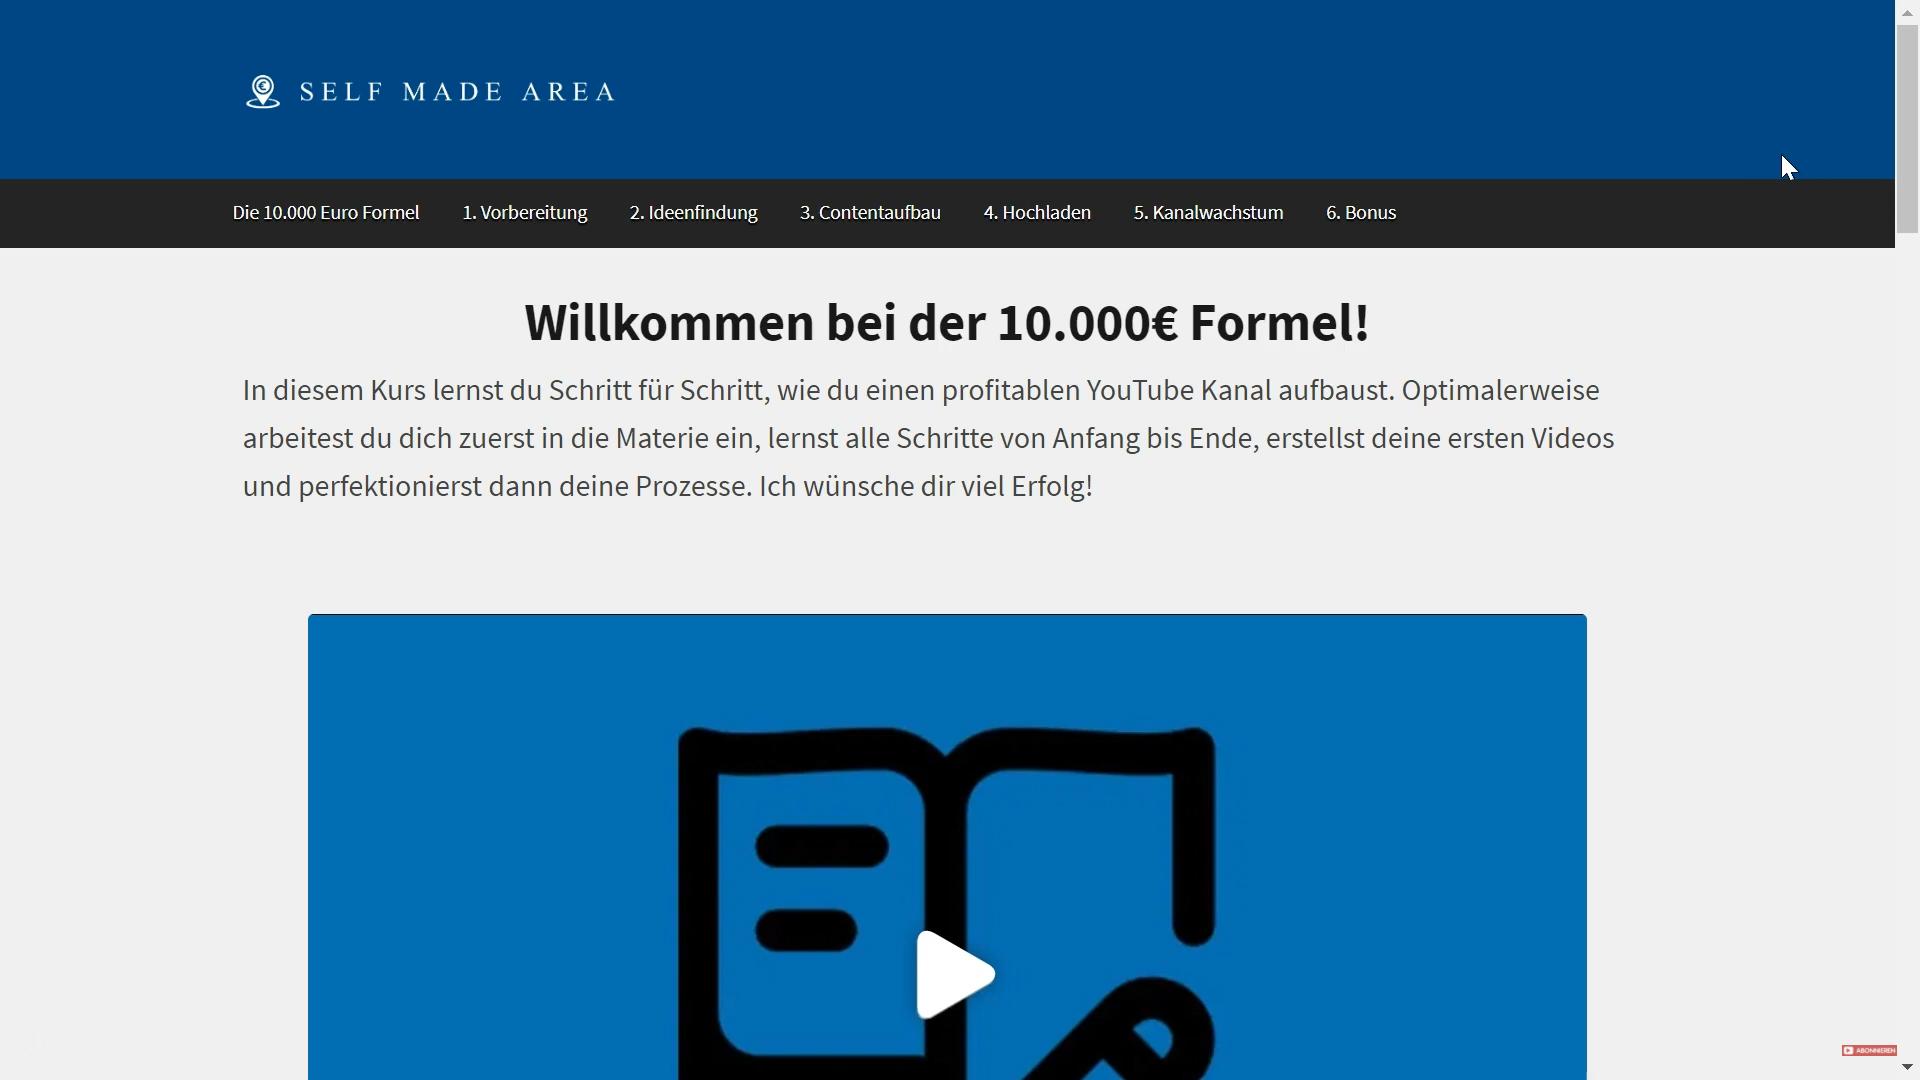 Die 10.000€ Formel von Eric Hüther kaufen